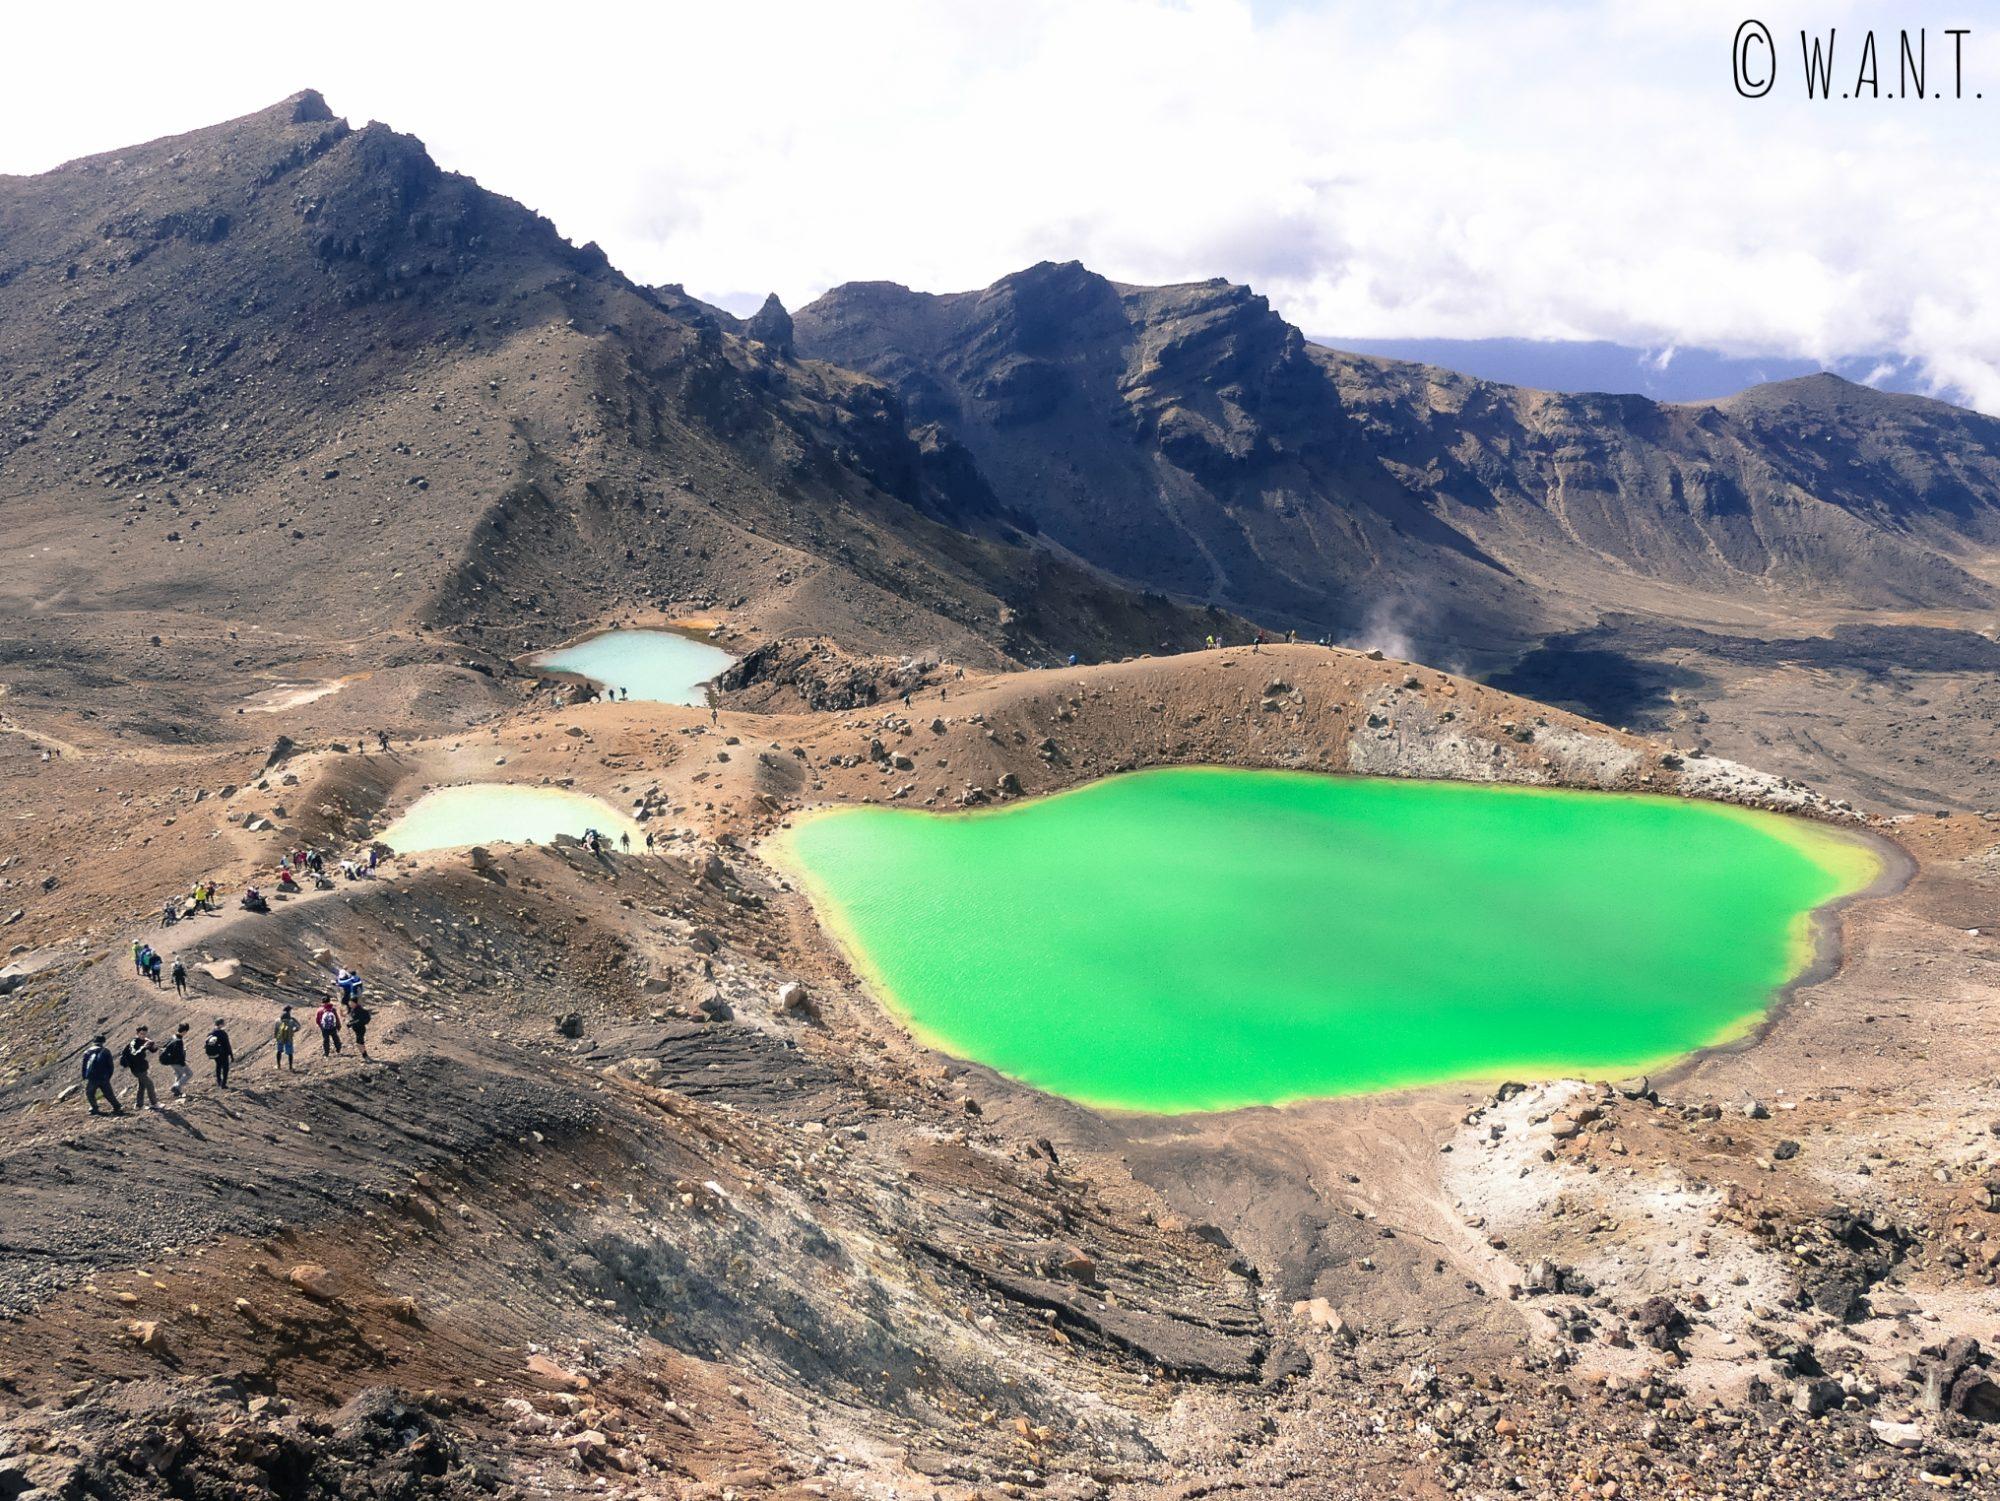 Vue sur les Emerald Lakes au cours de la randonnée « Tongariro Alpine Crossing » en Nouvelle-Zélande